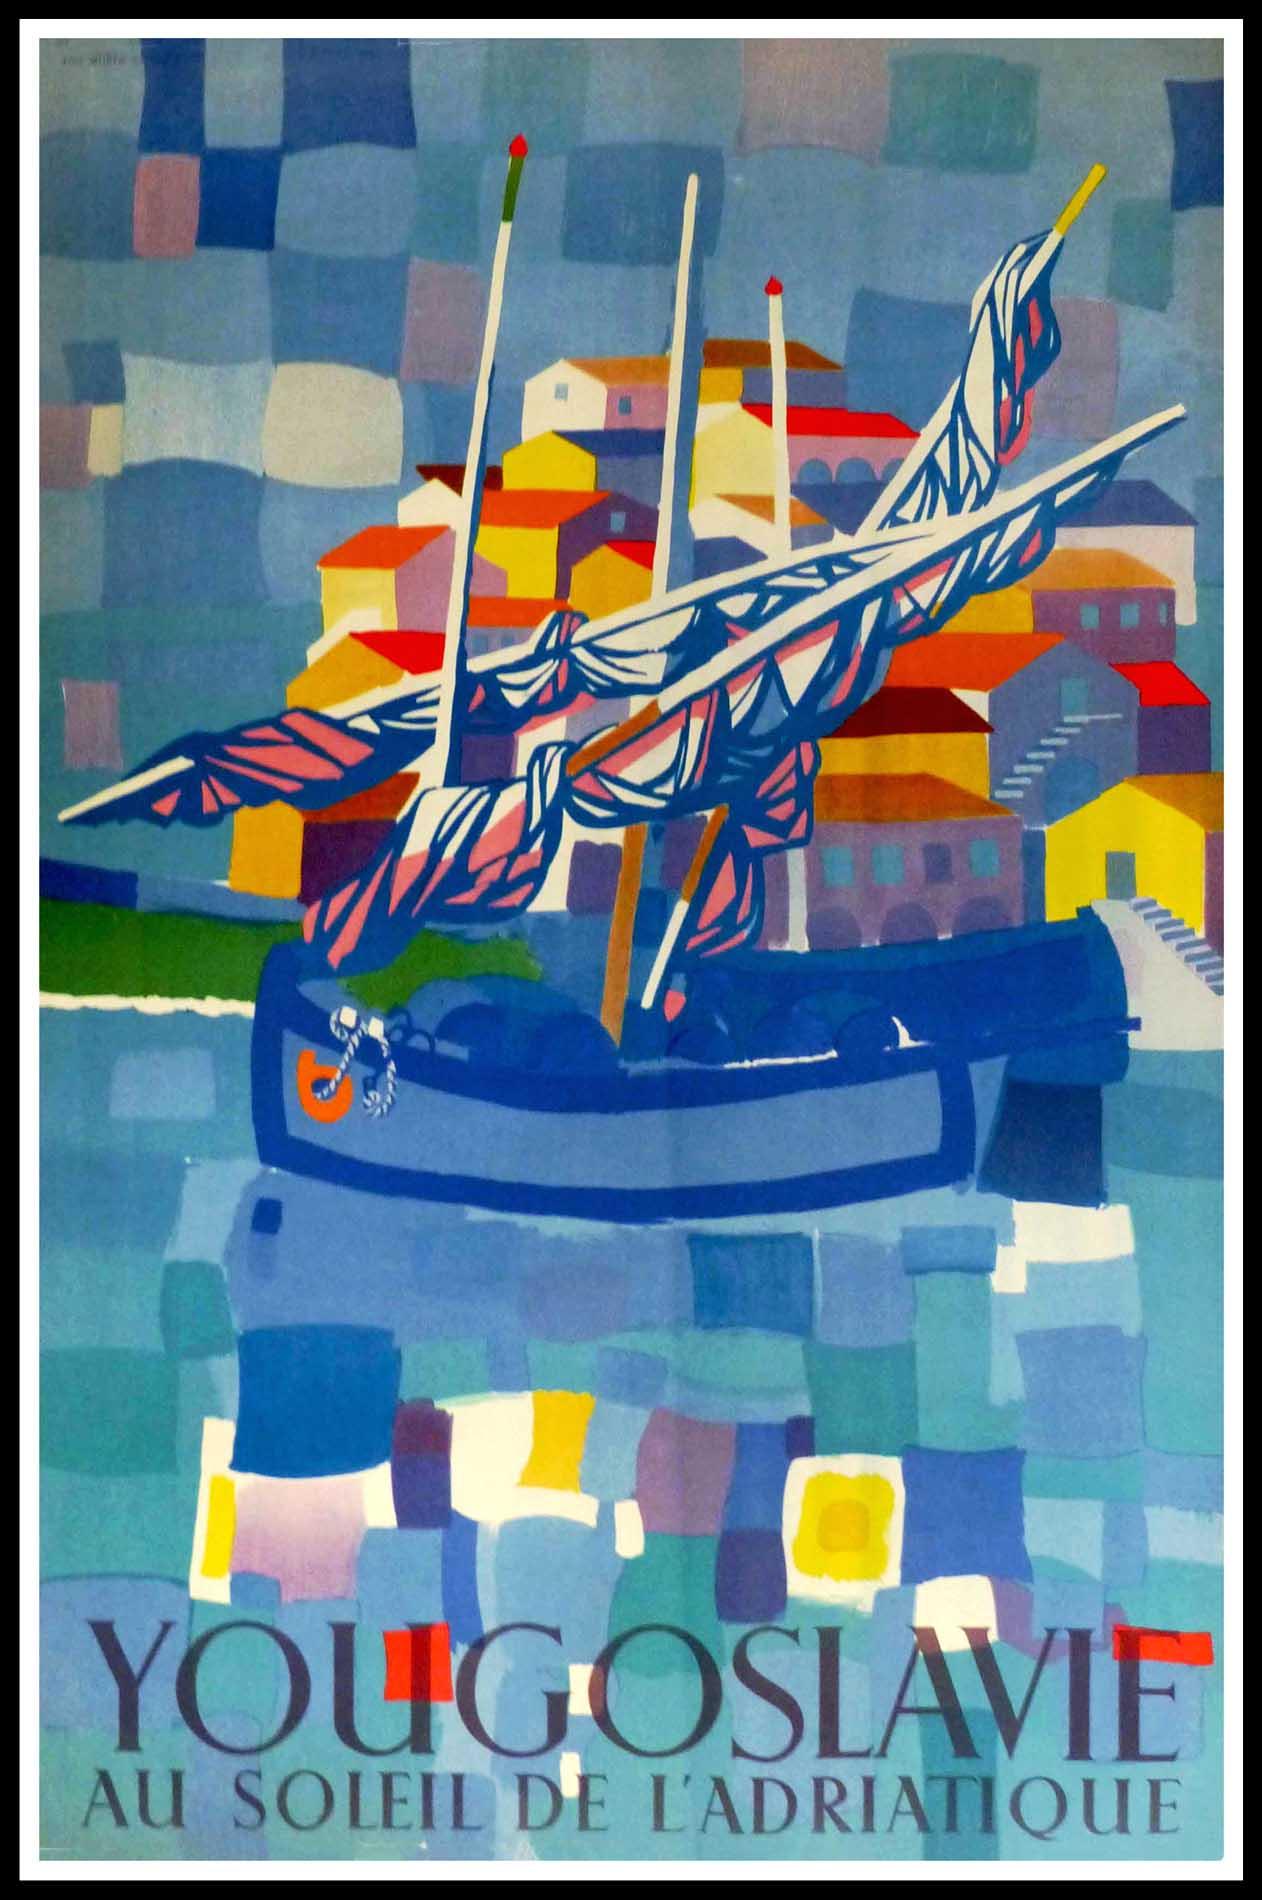 """(alt=""""(affiche ancienne originale de voyage, Yougoslavie, Croatie, au soleil de l'Adriatique signée dans la planche Edo Murtic, 1953, Imprimerie GZH"""")"""